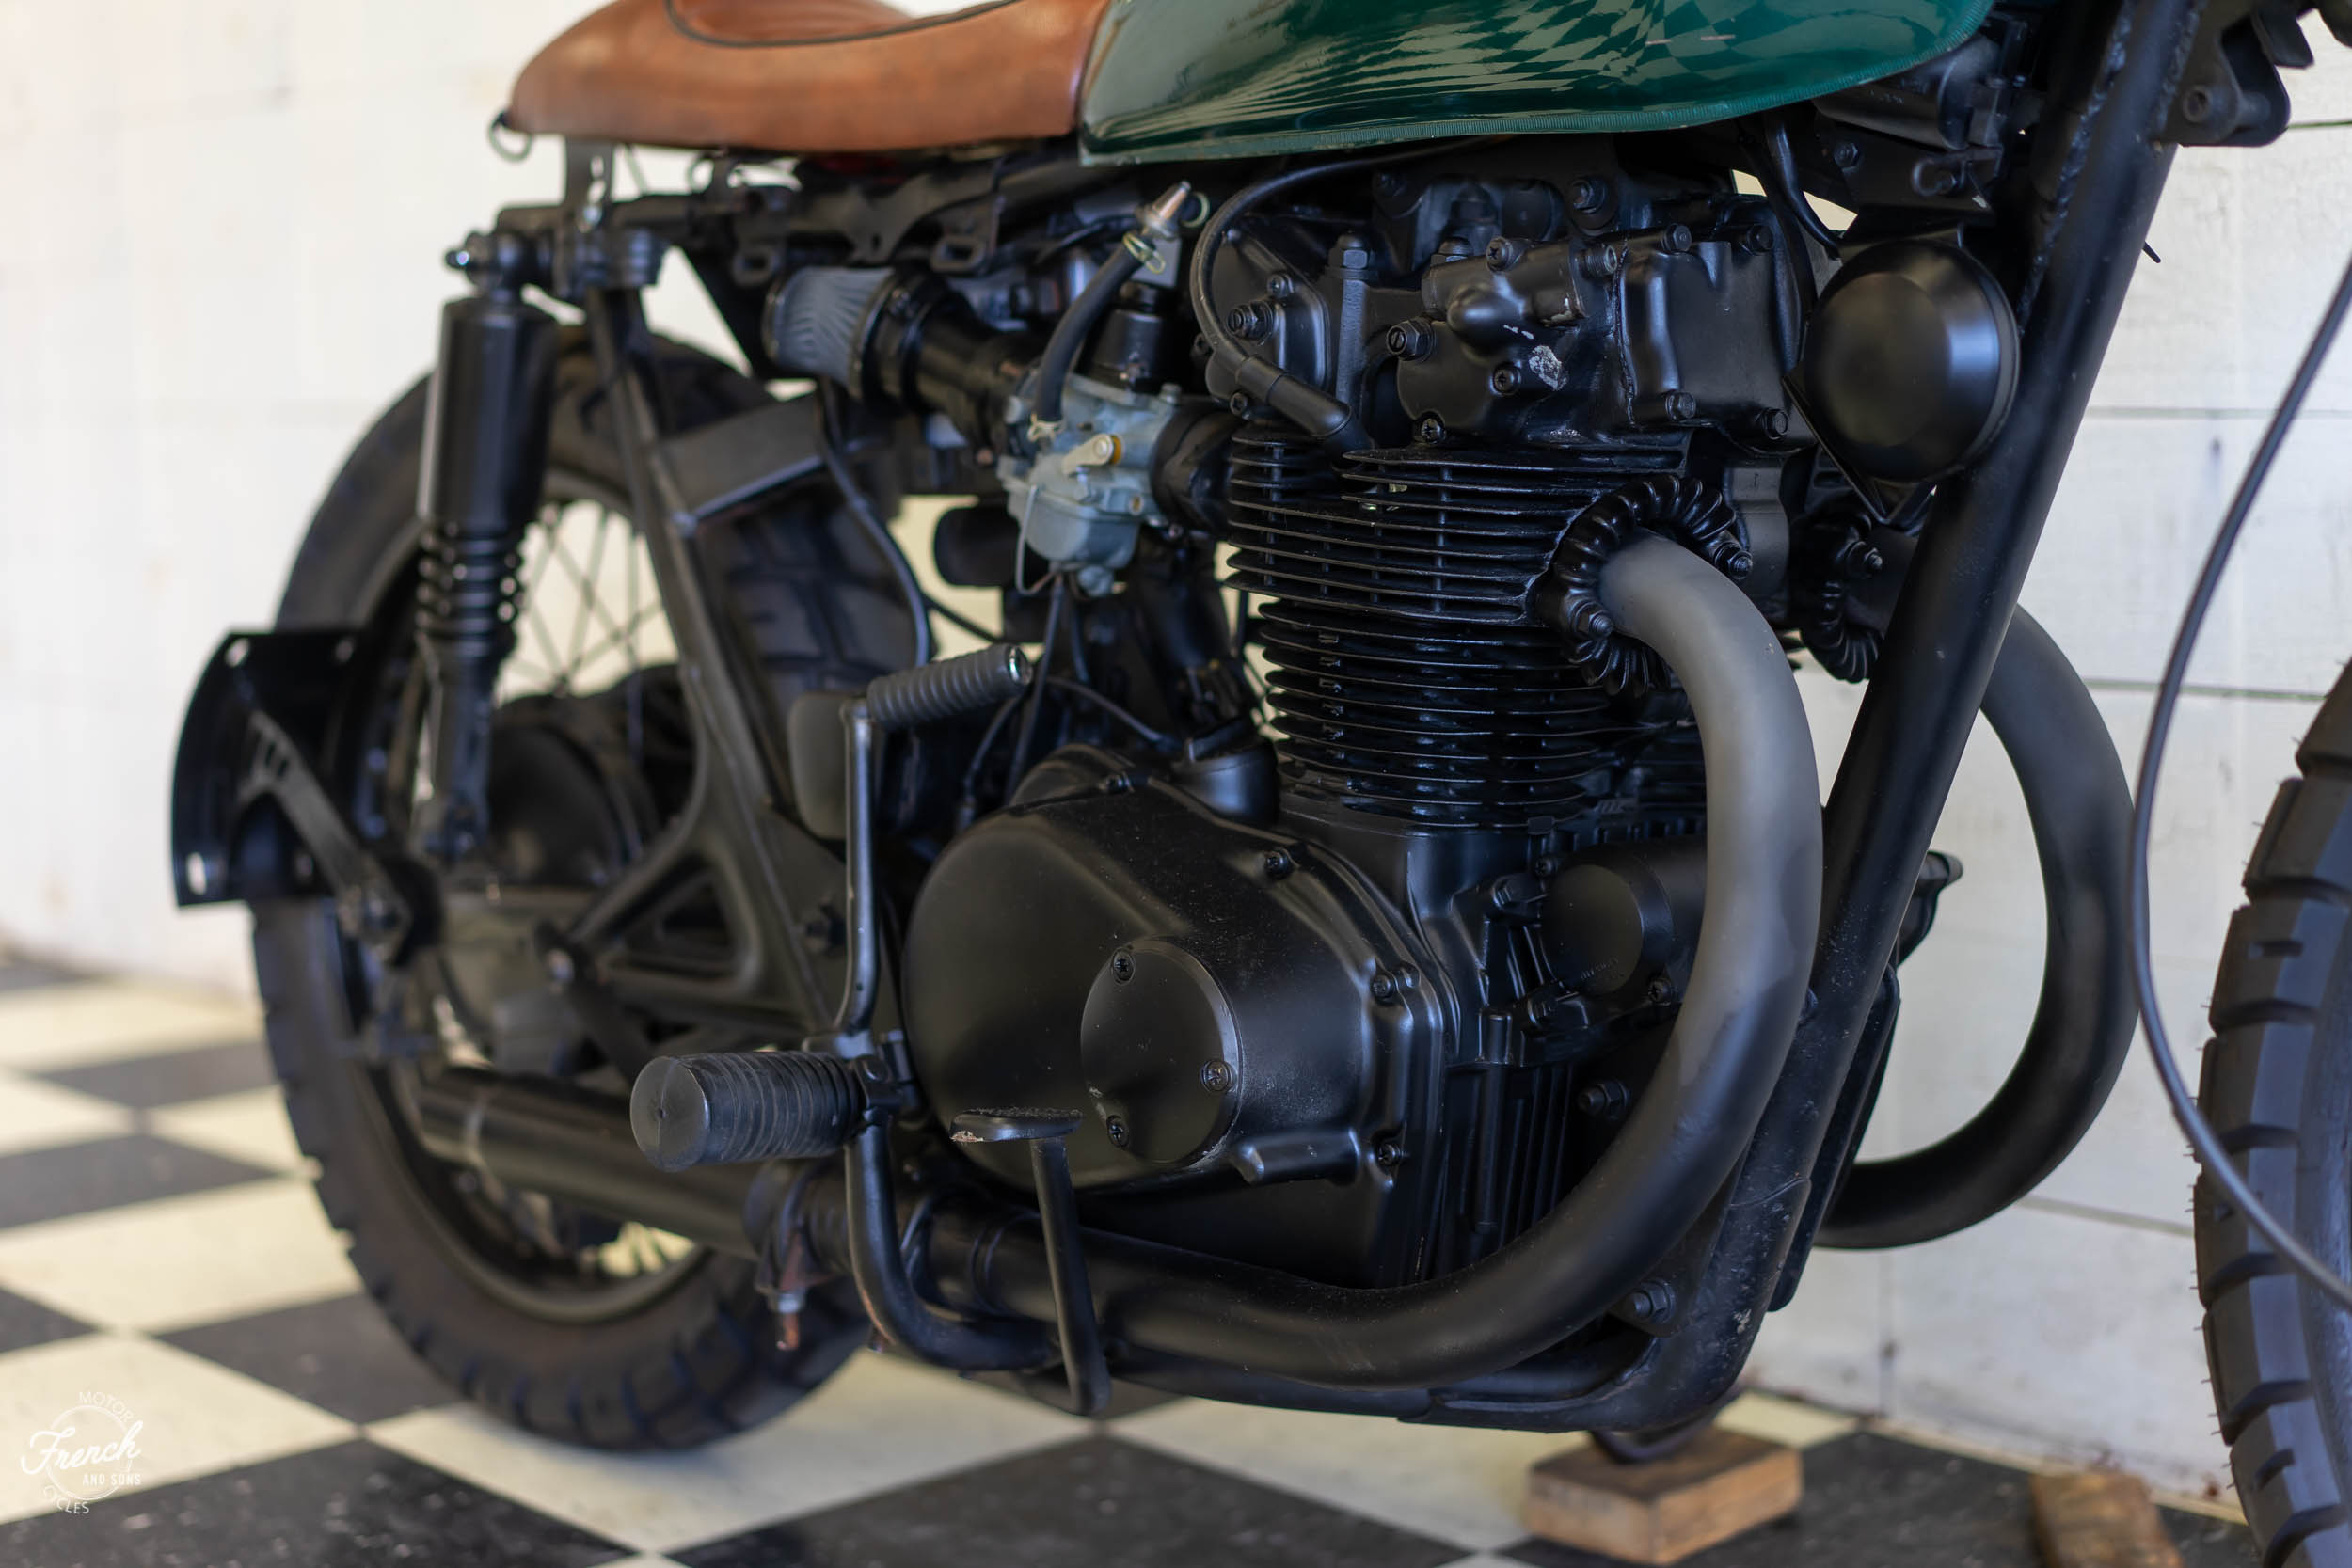 1974_honda_cb450_cafe_racer-11.jpg